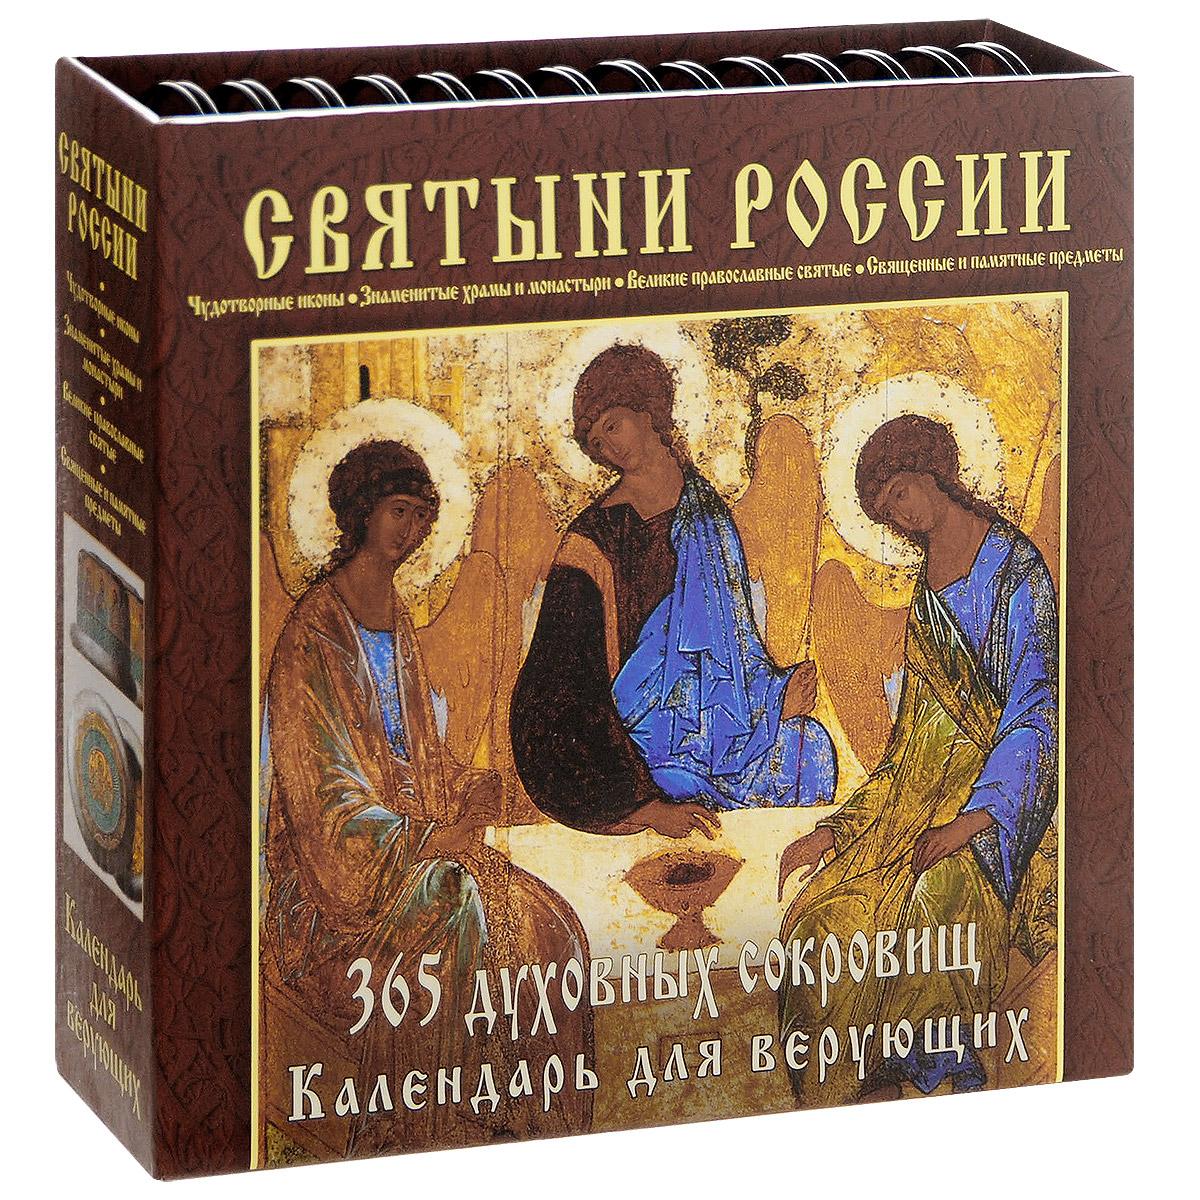 Календарь настольный (на спирали). Святыни России. 365 духовных сокровищ